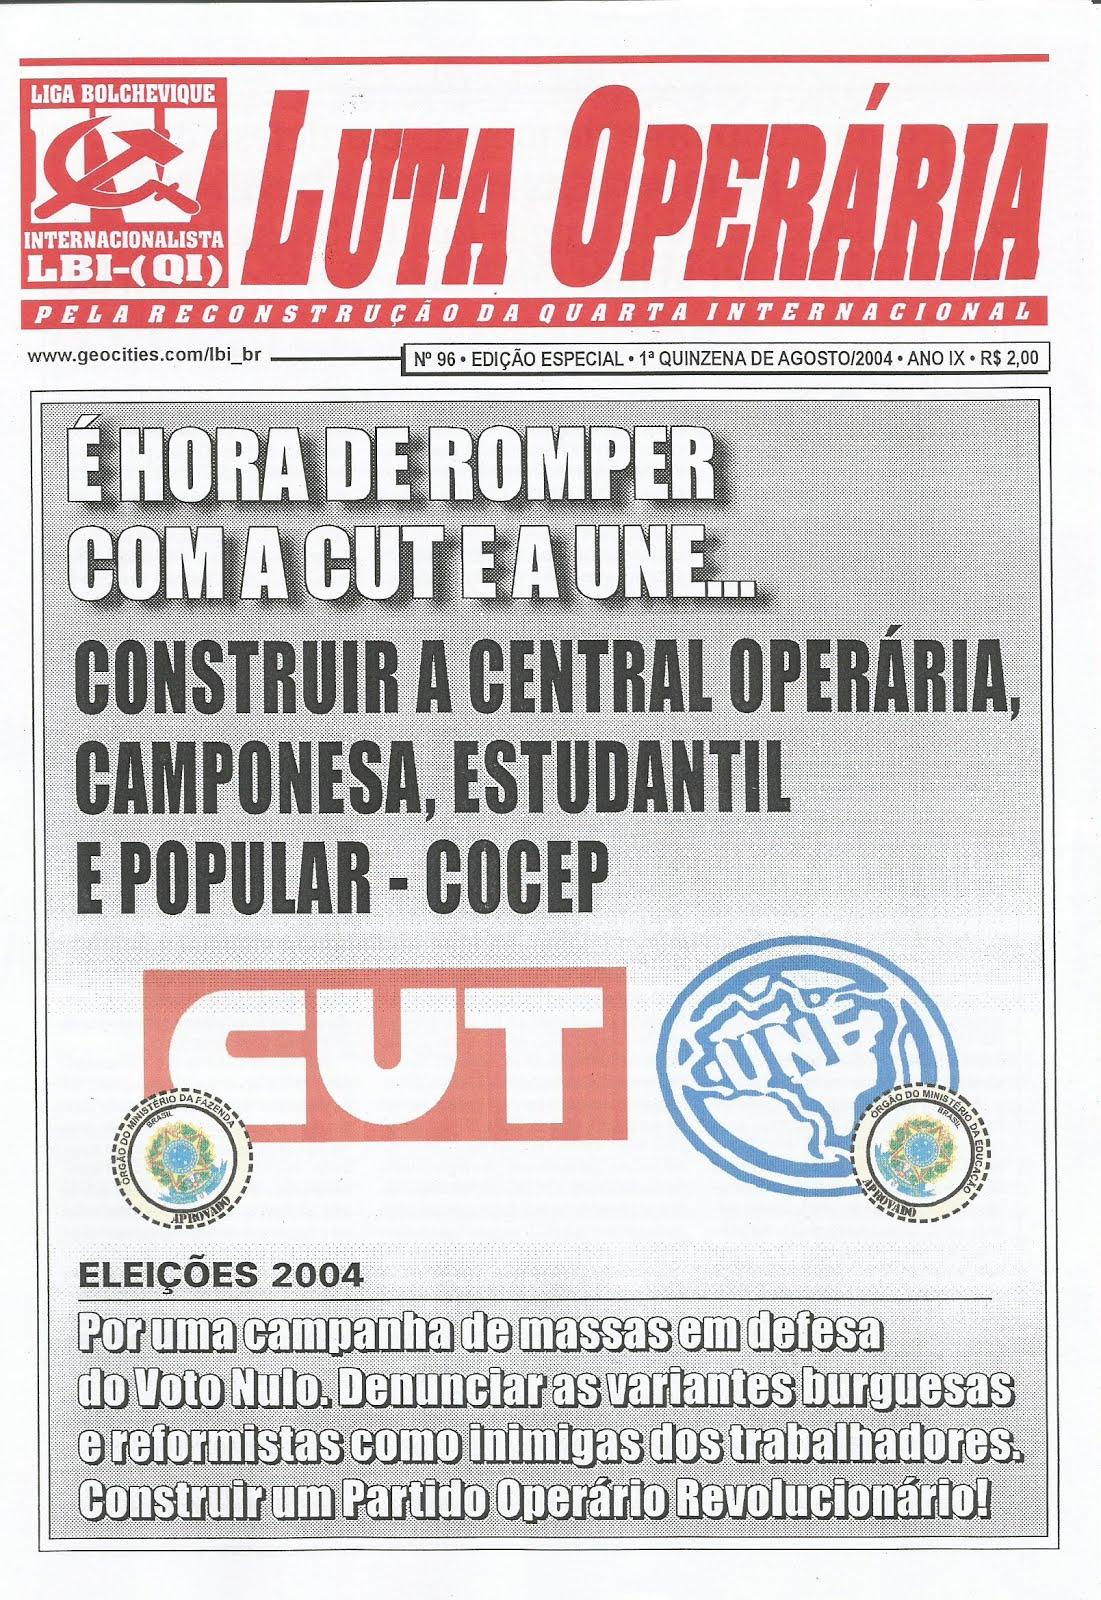 LEIA A EDIÇÃO DO JORNAL LUTA OPERÁRIA Nº 96, 1ª QUINZ. DE AGOSTO/2004